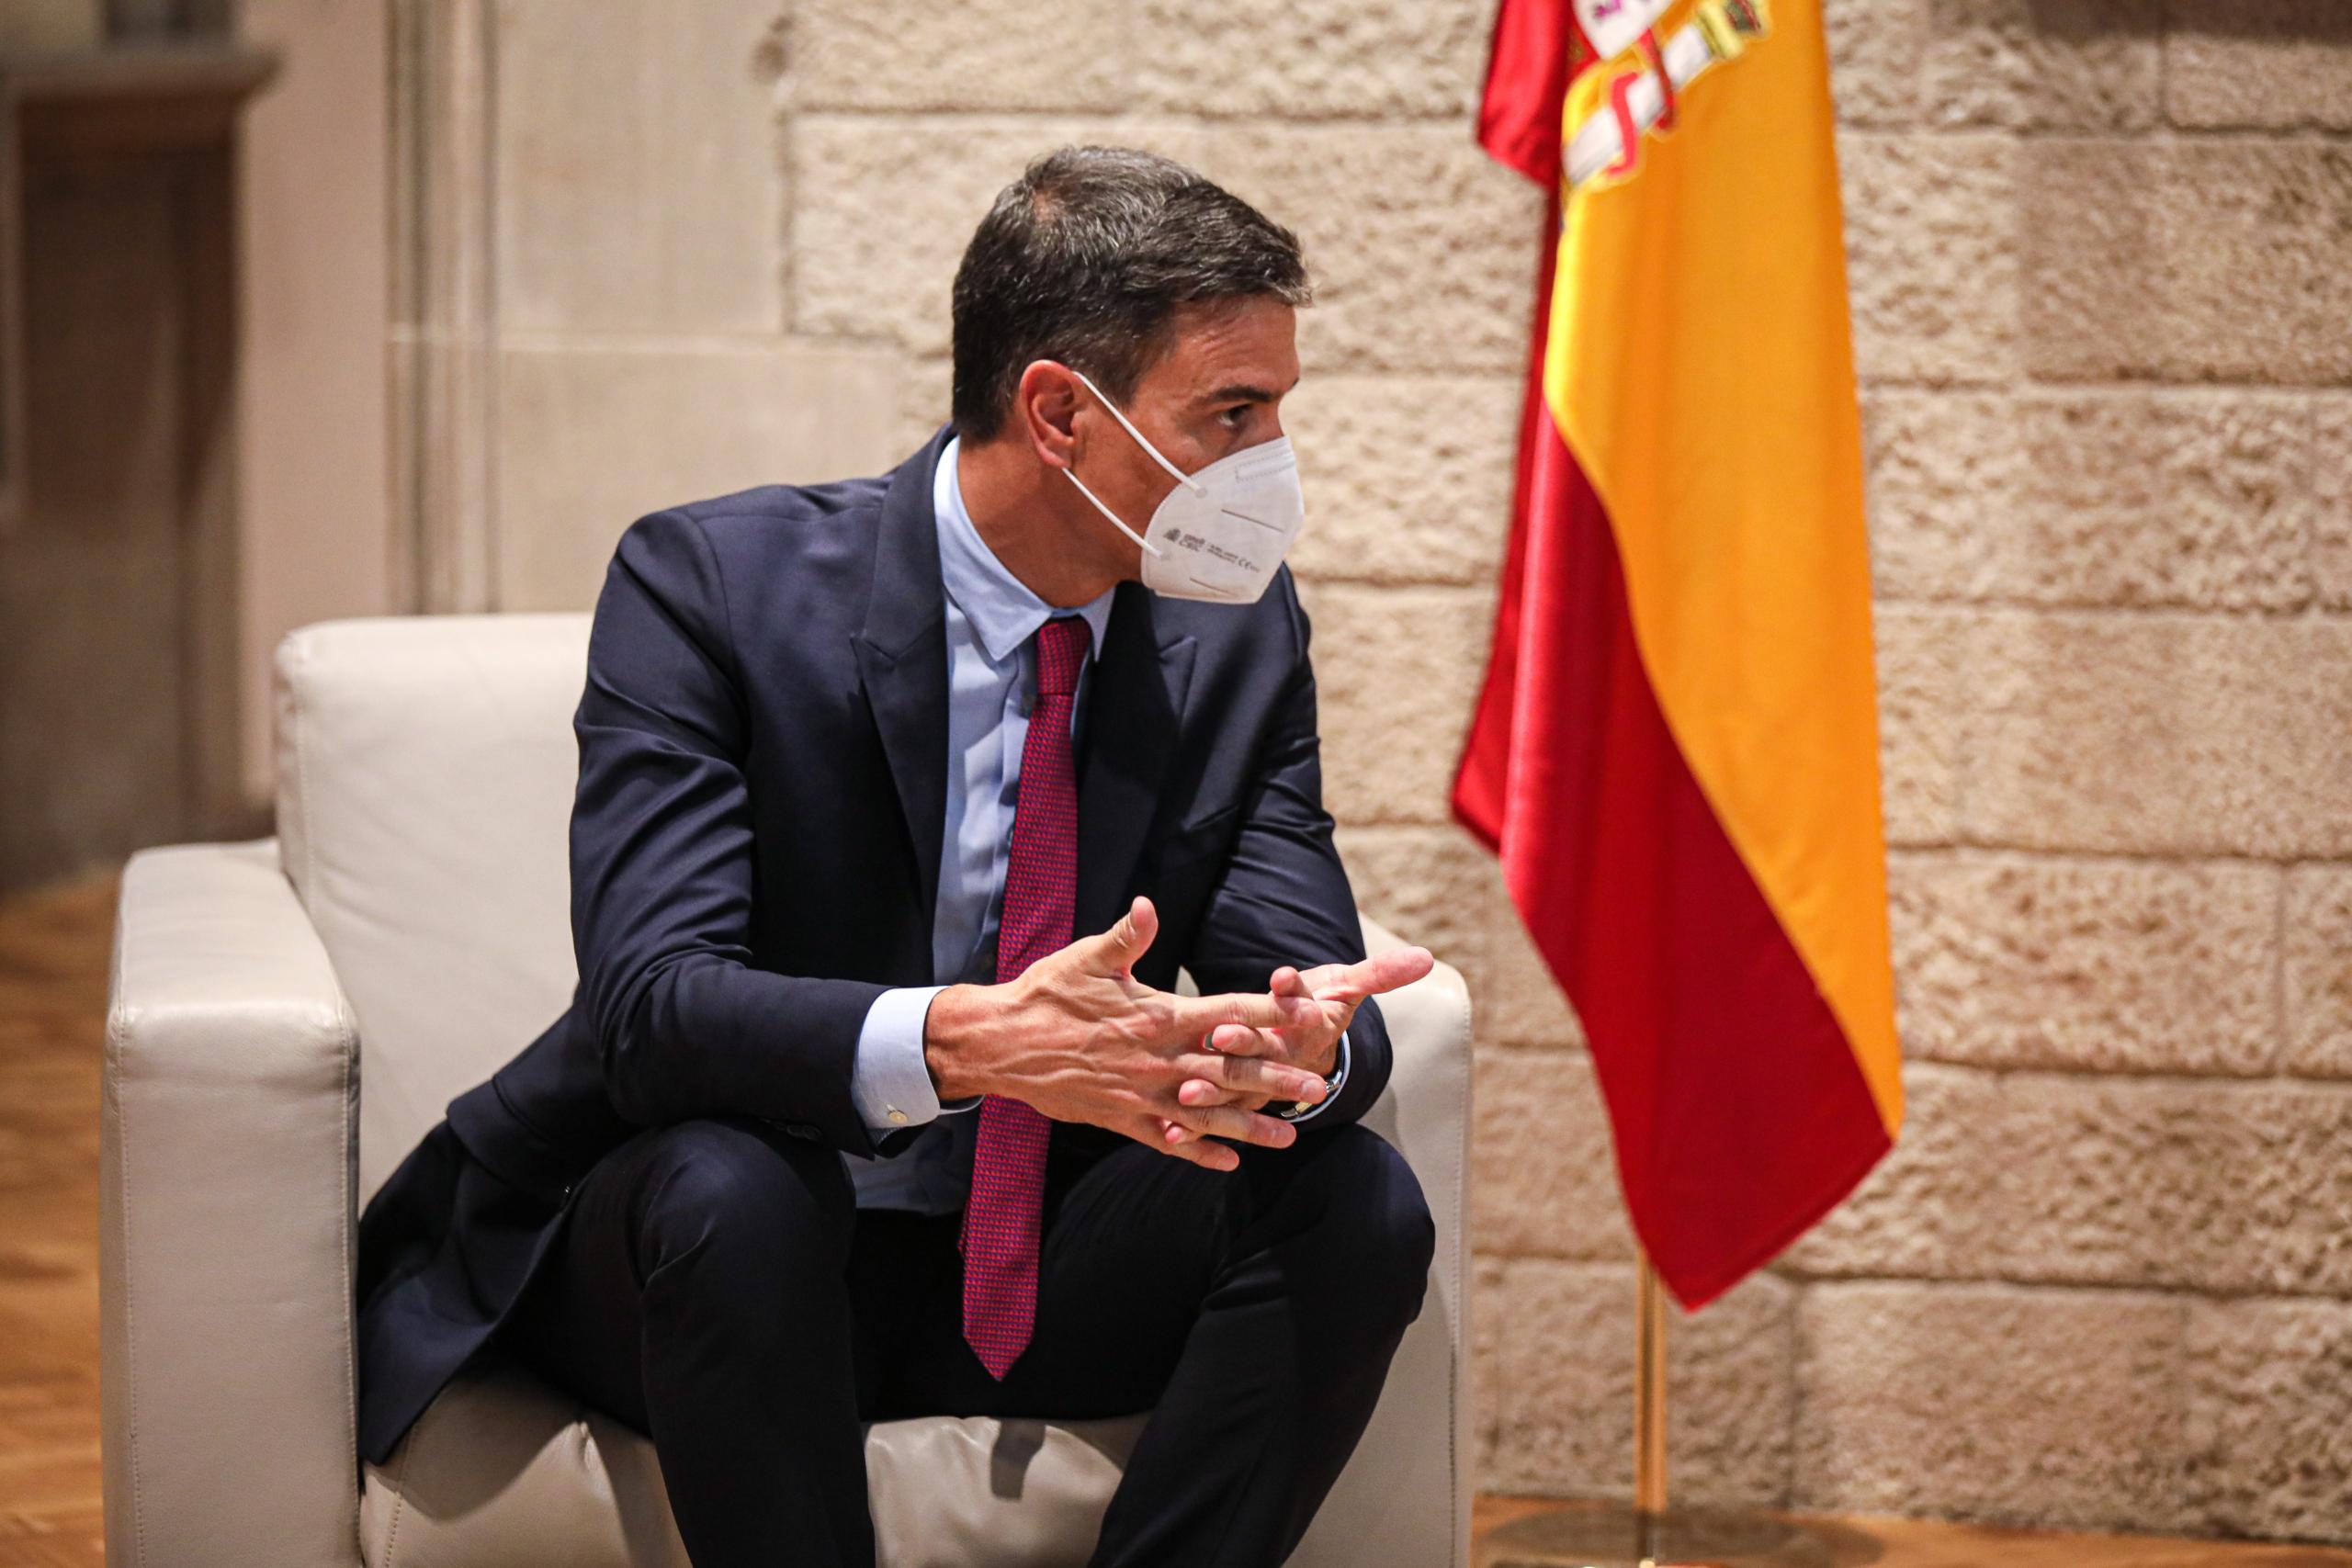 El president del govern espanyol, Pedro Sánchez, durant la trobada amb Aragonès prèvia a la taula de diàleg / Jordi Borràs